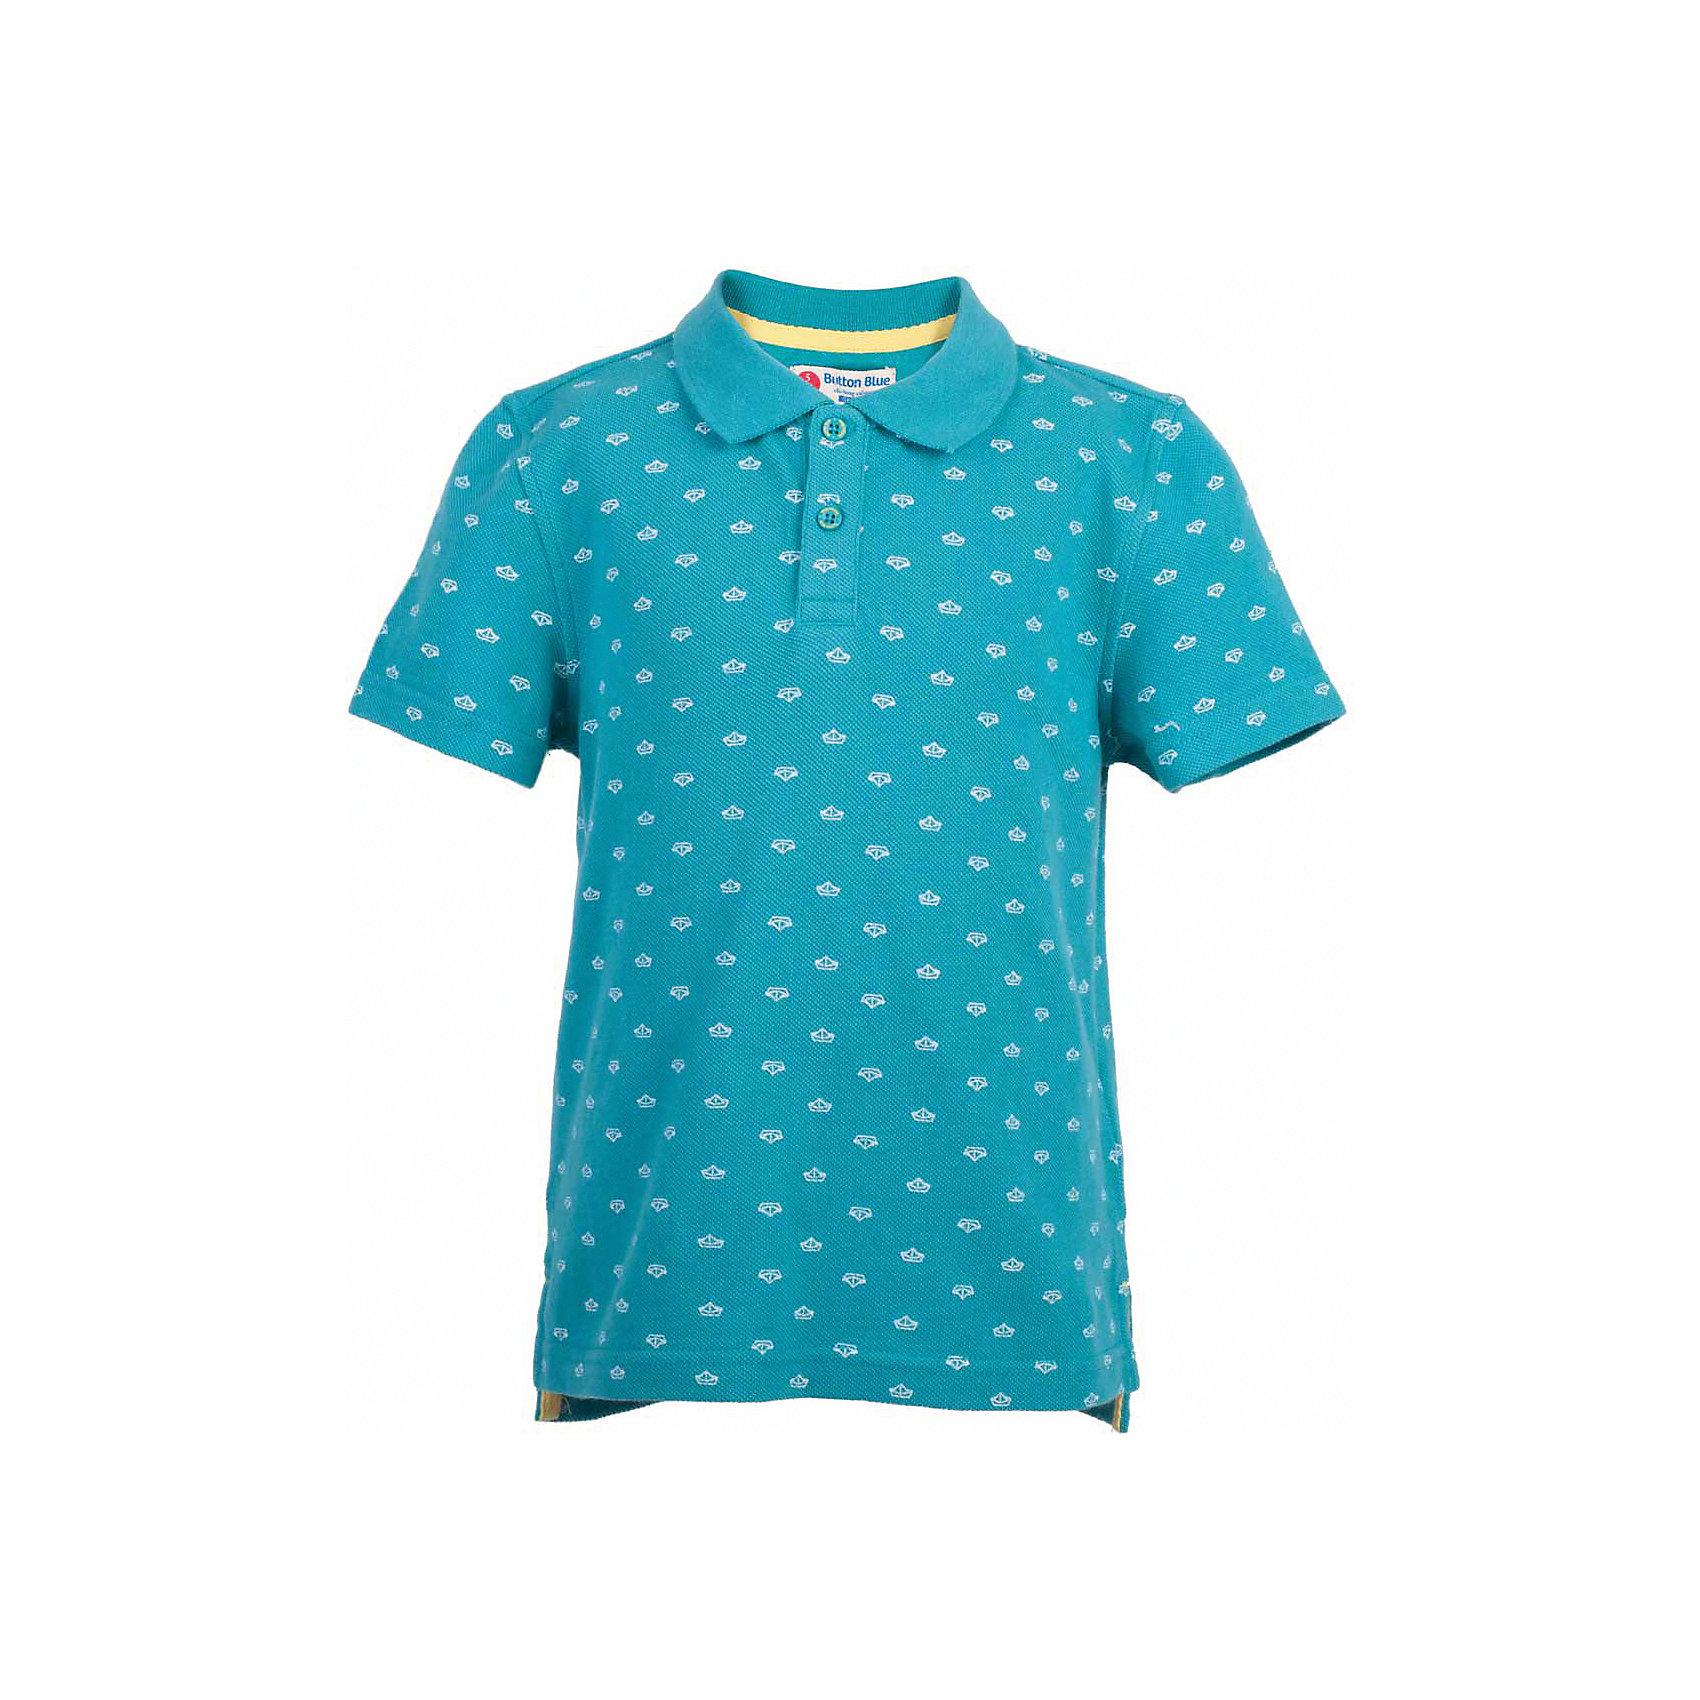 Поло для мальчика  BUTTON BLUEФутболки, поло и топы<br>Поло для мальчика  BUTTON BLUE<br>Бирюзовая футболка-поло - изделие из разряда must have! Это не только базовая вещь в гардеробе ребенка, но и залог хорошего летнего настроения! Если вы решили купить недорогую  футболку-поло для мальчика, выберете стильное бирюзовое поло с мелким рисунком от Button Blue, и ваш ребенок будет доволен! Низкая цена не окажет влияния на бюджет семьи, позволив создать интересный базовый гардероб для долгожданных каникул!<br>Состав:<br>100%  хлопок<br><br>Ширина мм: 199<br>Глубина мм: 10<br>Высота мм: 161<br>Вес г: 151<br>Цвет: бирюзовый<br>Возраст от месяцев: 144<br>Возраст до месяцев: 156<br>Пол: Мужской<br>Возраст: Детский<br>Размер: 158,122,98,104,110,116,128,134,140,146,152<br>SKU: 5524380